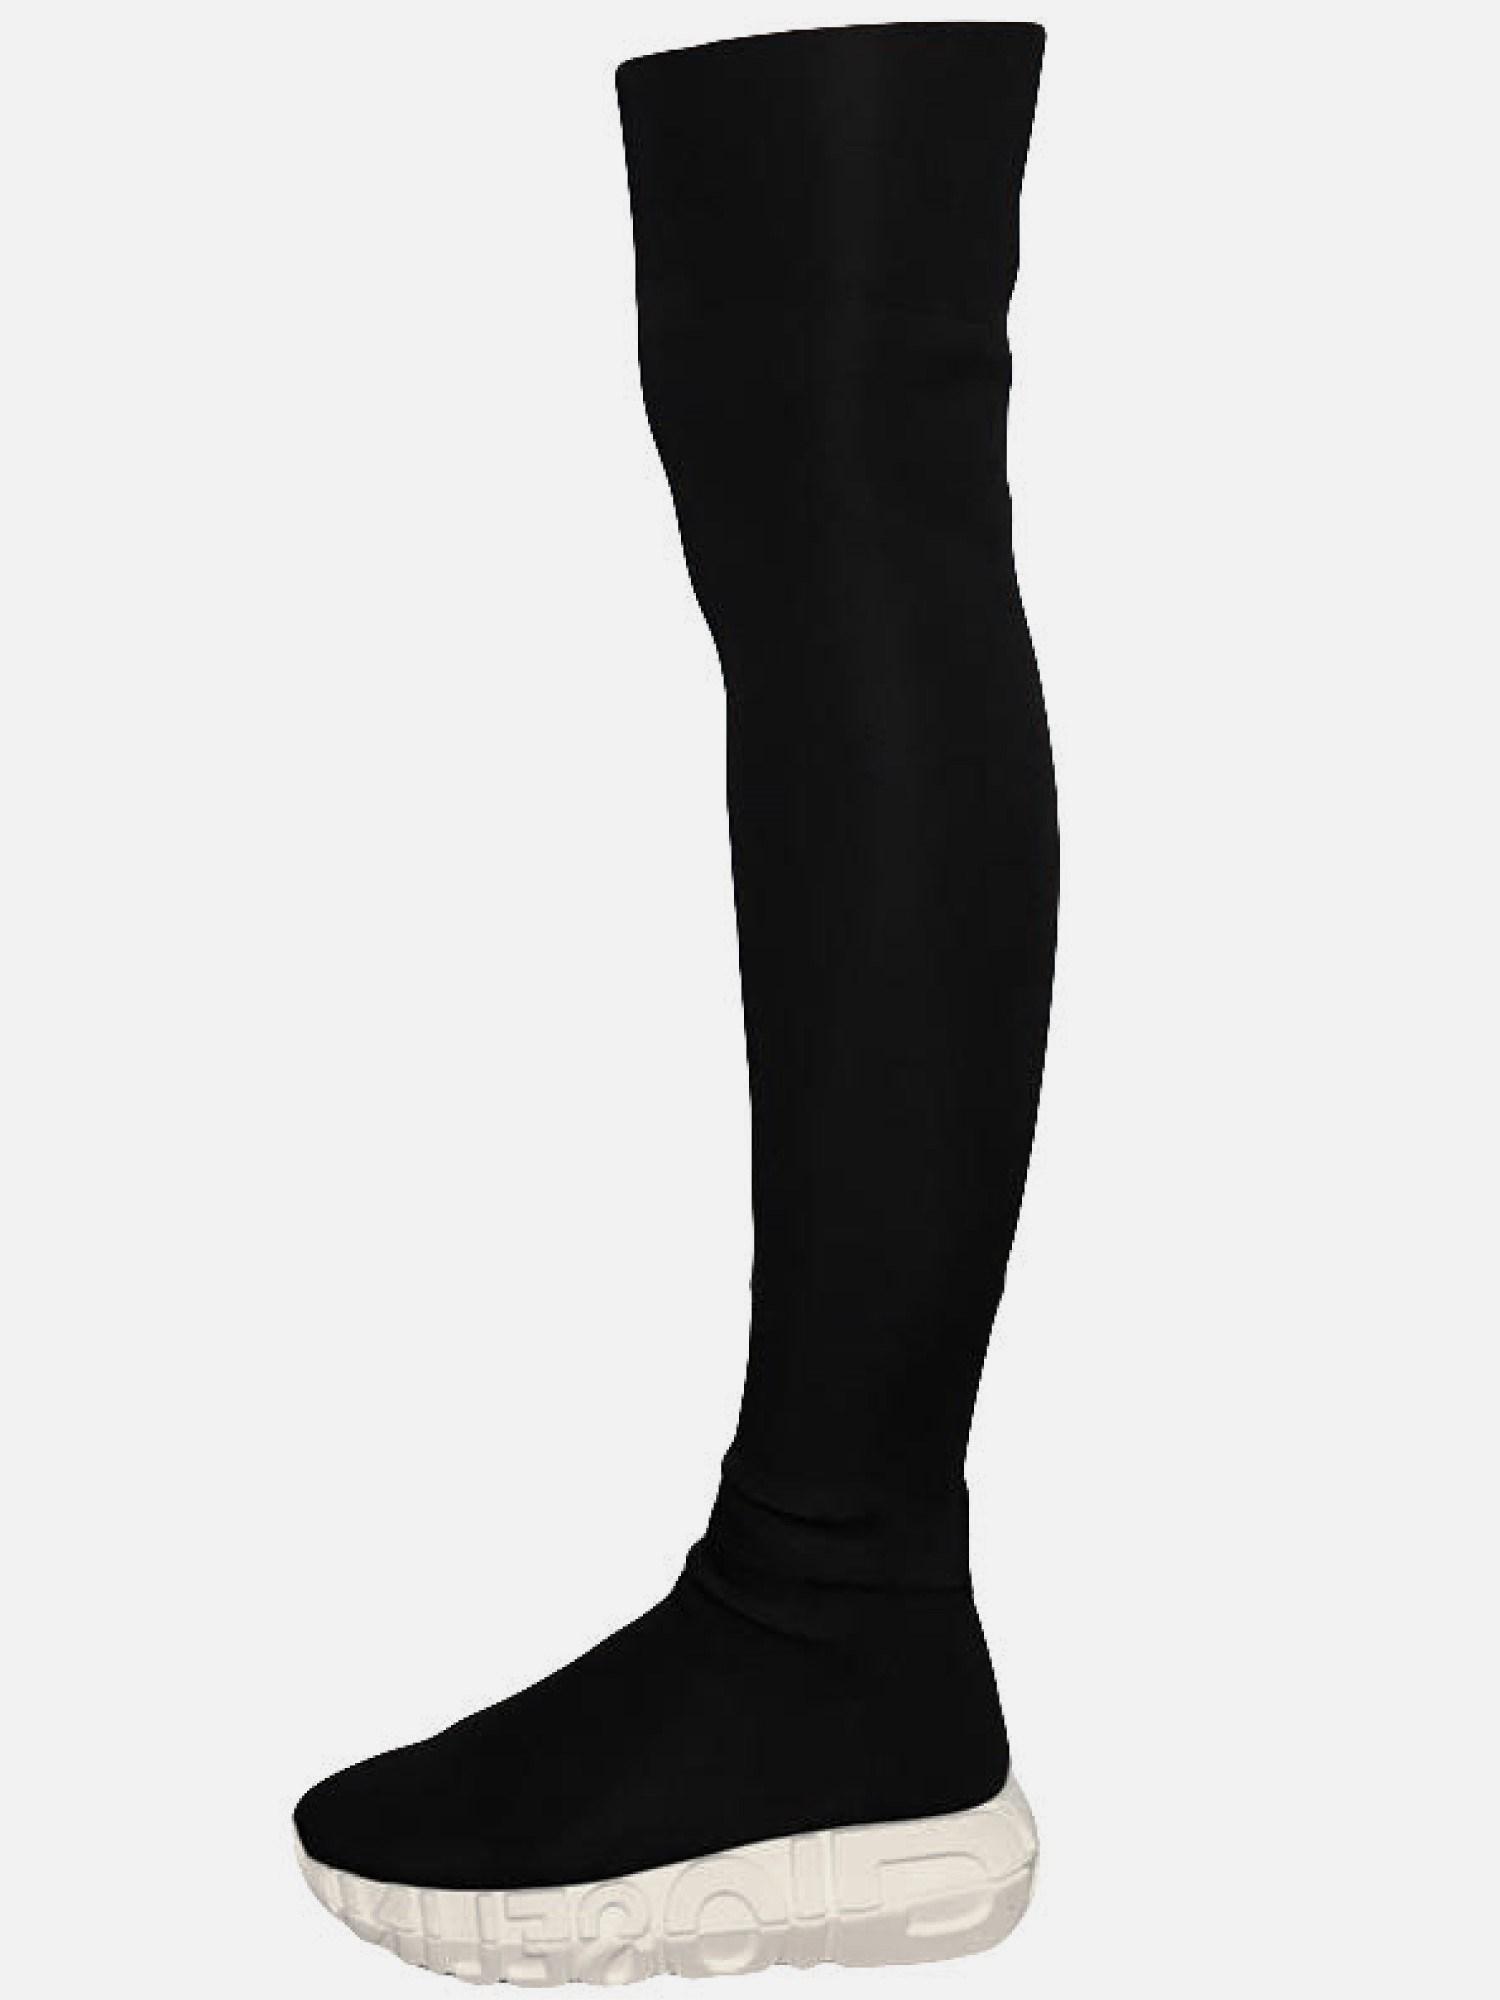 Gioselin Stivali Donna Nero | Lalilina